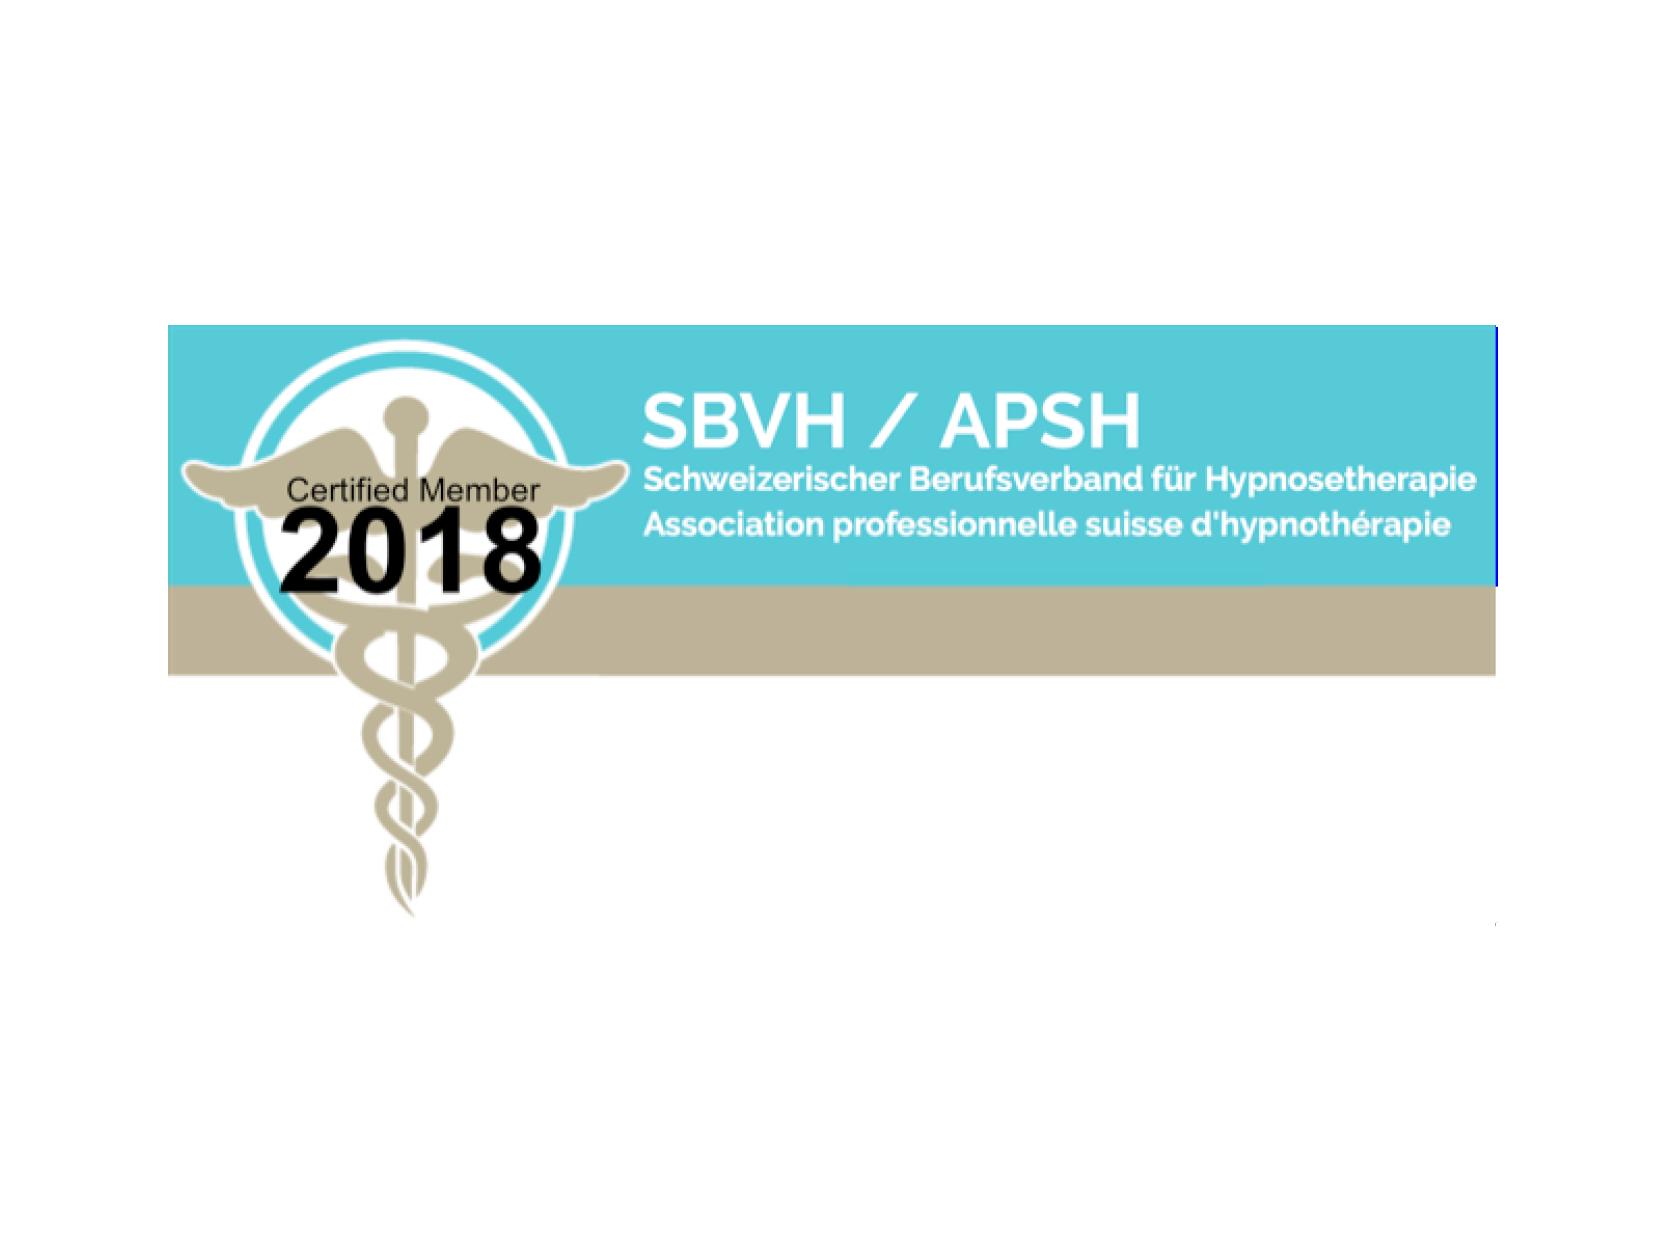 ASSOCIATION PROFESSIONNELLE SUISSE D'HYPOTHÉRAPIE - APSH - Le centre de formation MHP-Hypnose est accrédité et fait part des écoles recommandées par la SBVH.